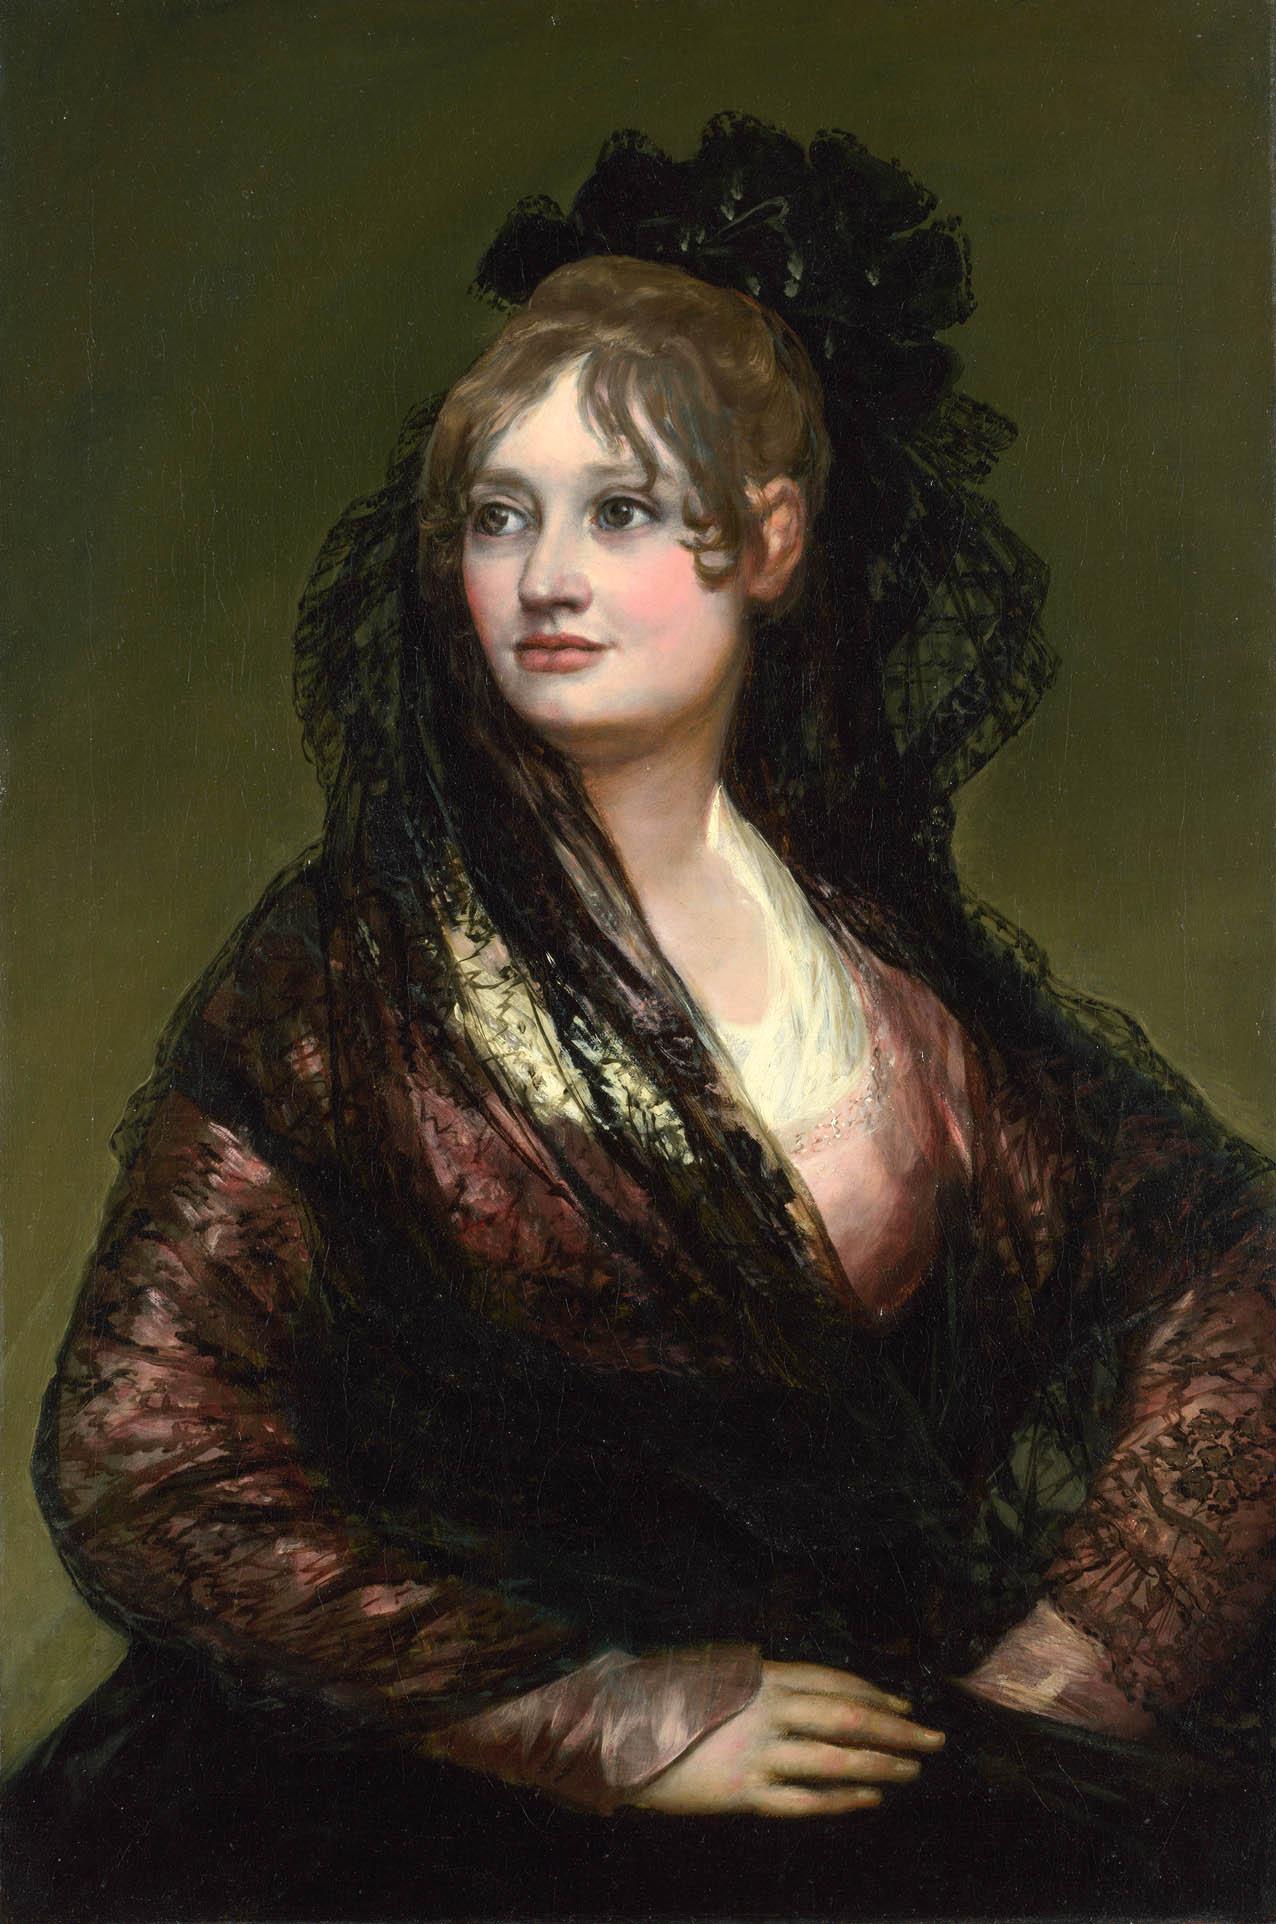 Serie: Los Pintores - 05 - Francisco de Goya